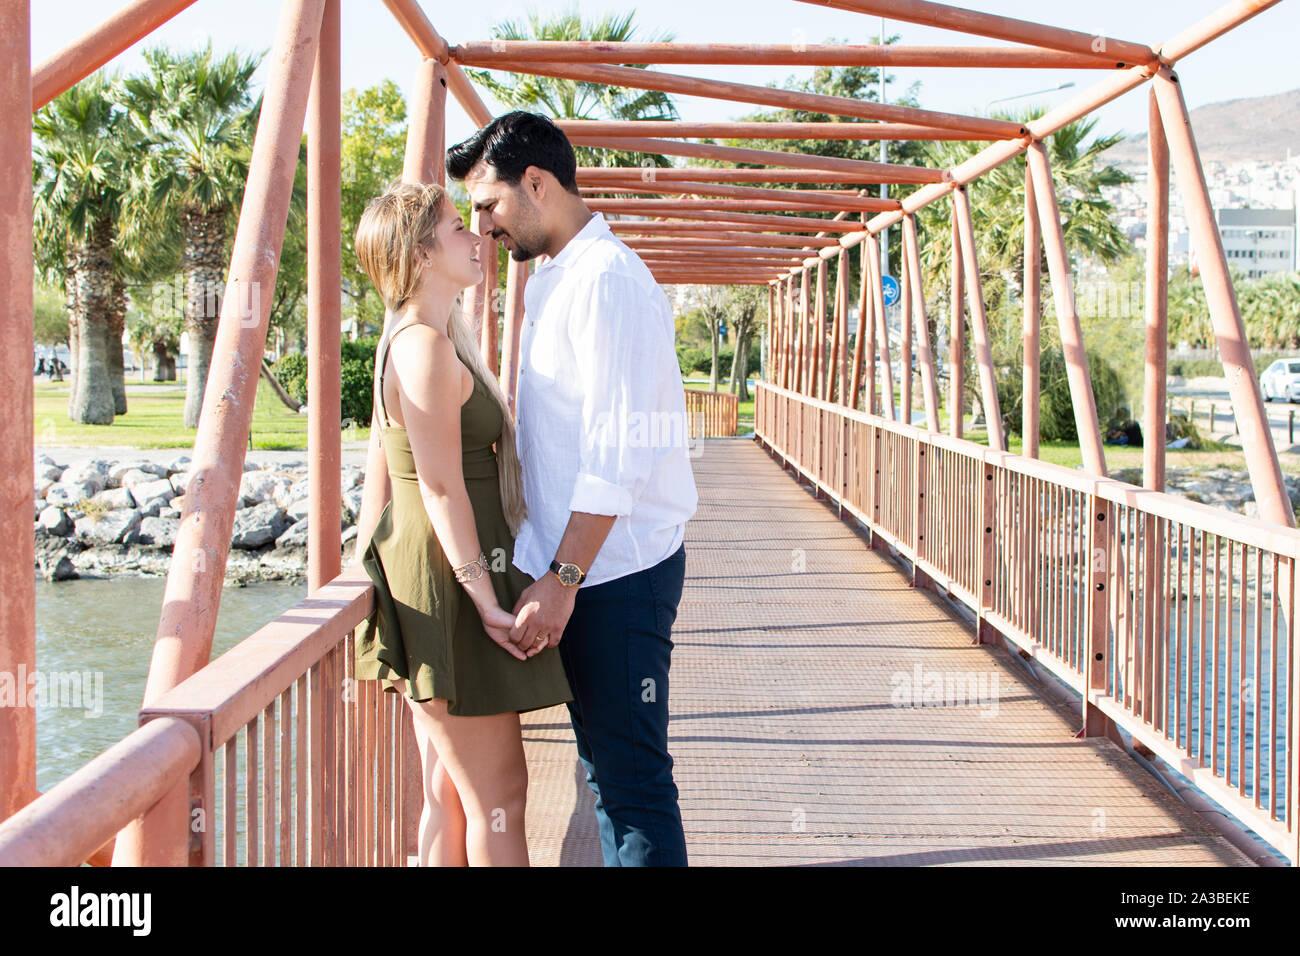 En romantique-amour et happy mixed race couple. Young blonde woman et turc (du Moyen-Orient) l'homme dans l'amour. Les amoureux romantique en vacances. Miel Banque D'Images